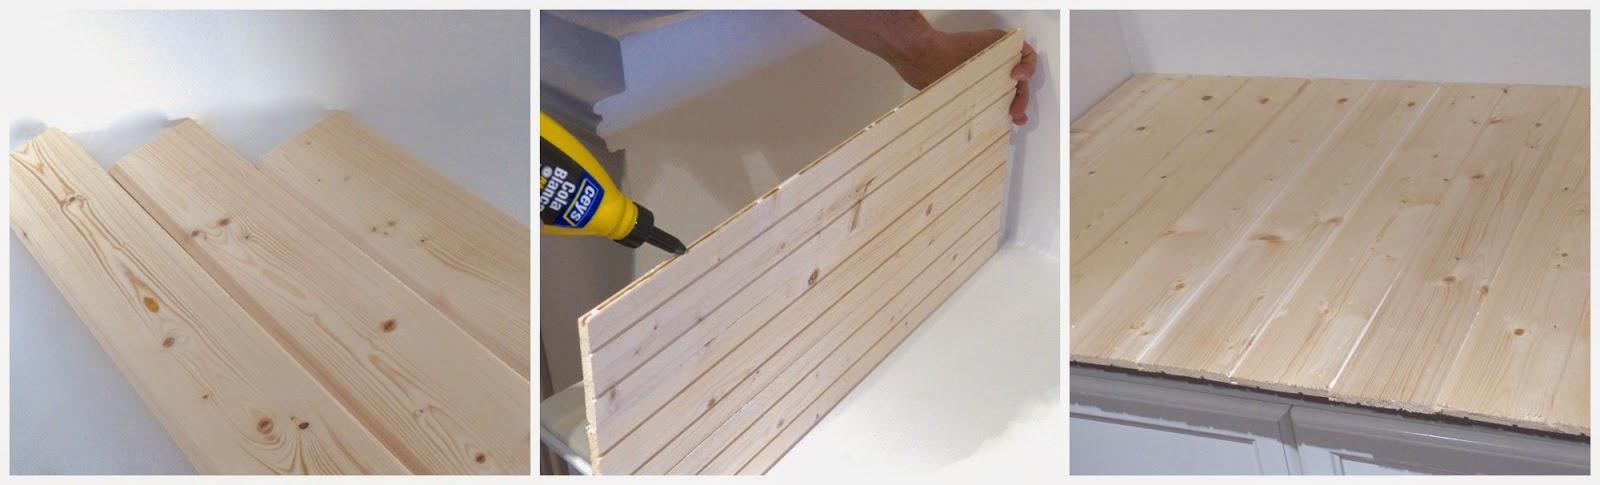 pegar tablas de madera